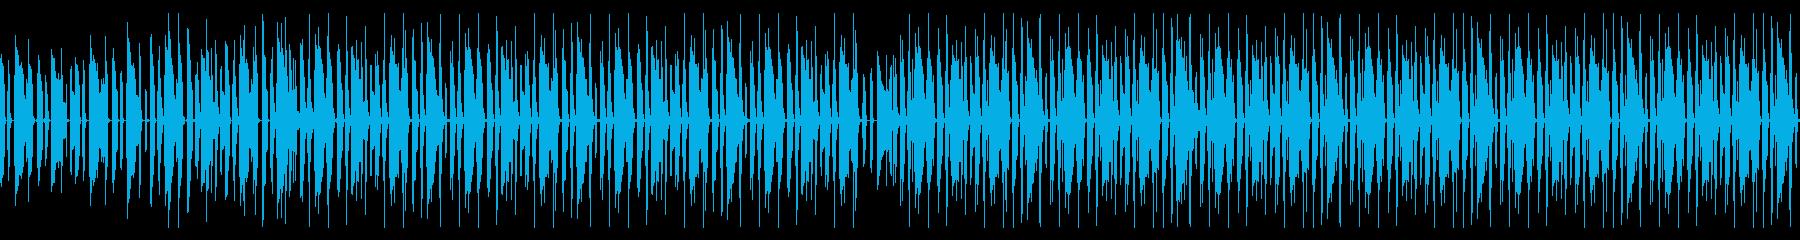 淡々としながらもノリの良いBGM ループの再生済みの波形